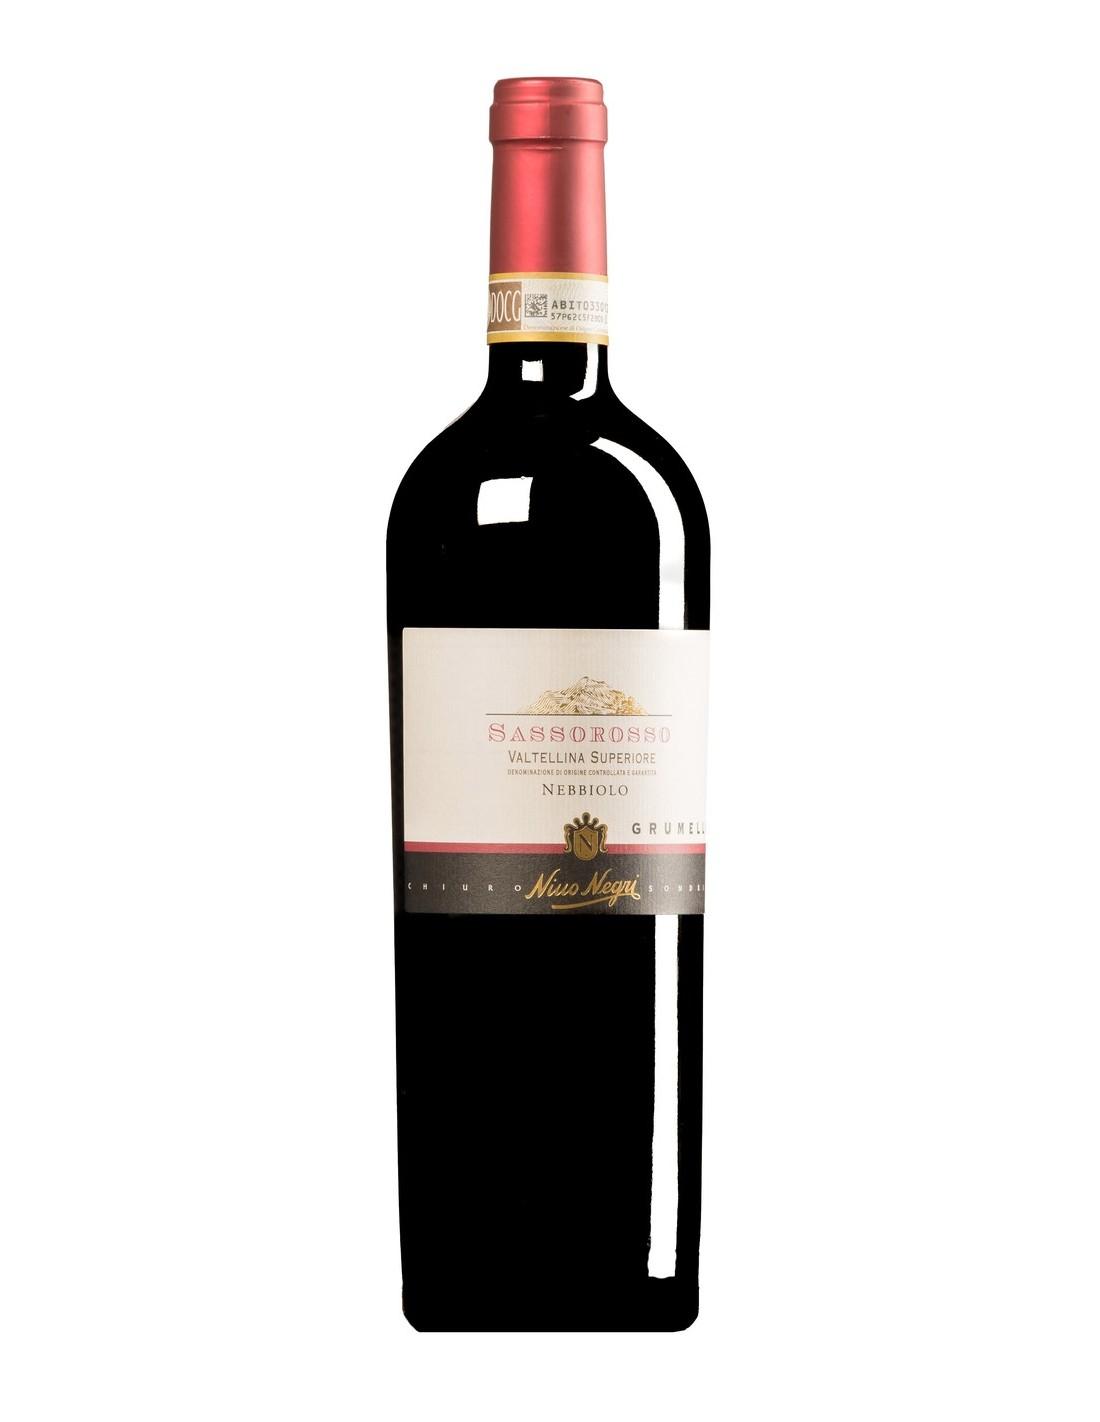 Vin rosu, Nebbiolo, Nino Negri Sassorosso Grumello Valtellina Superiore, 13.5% alc., 0.75L, Italia